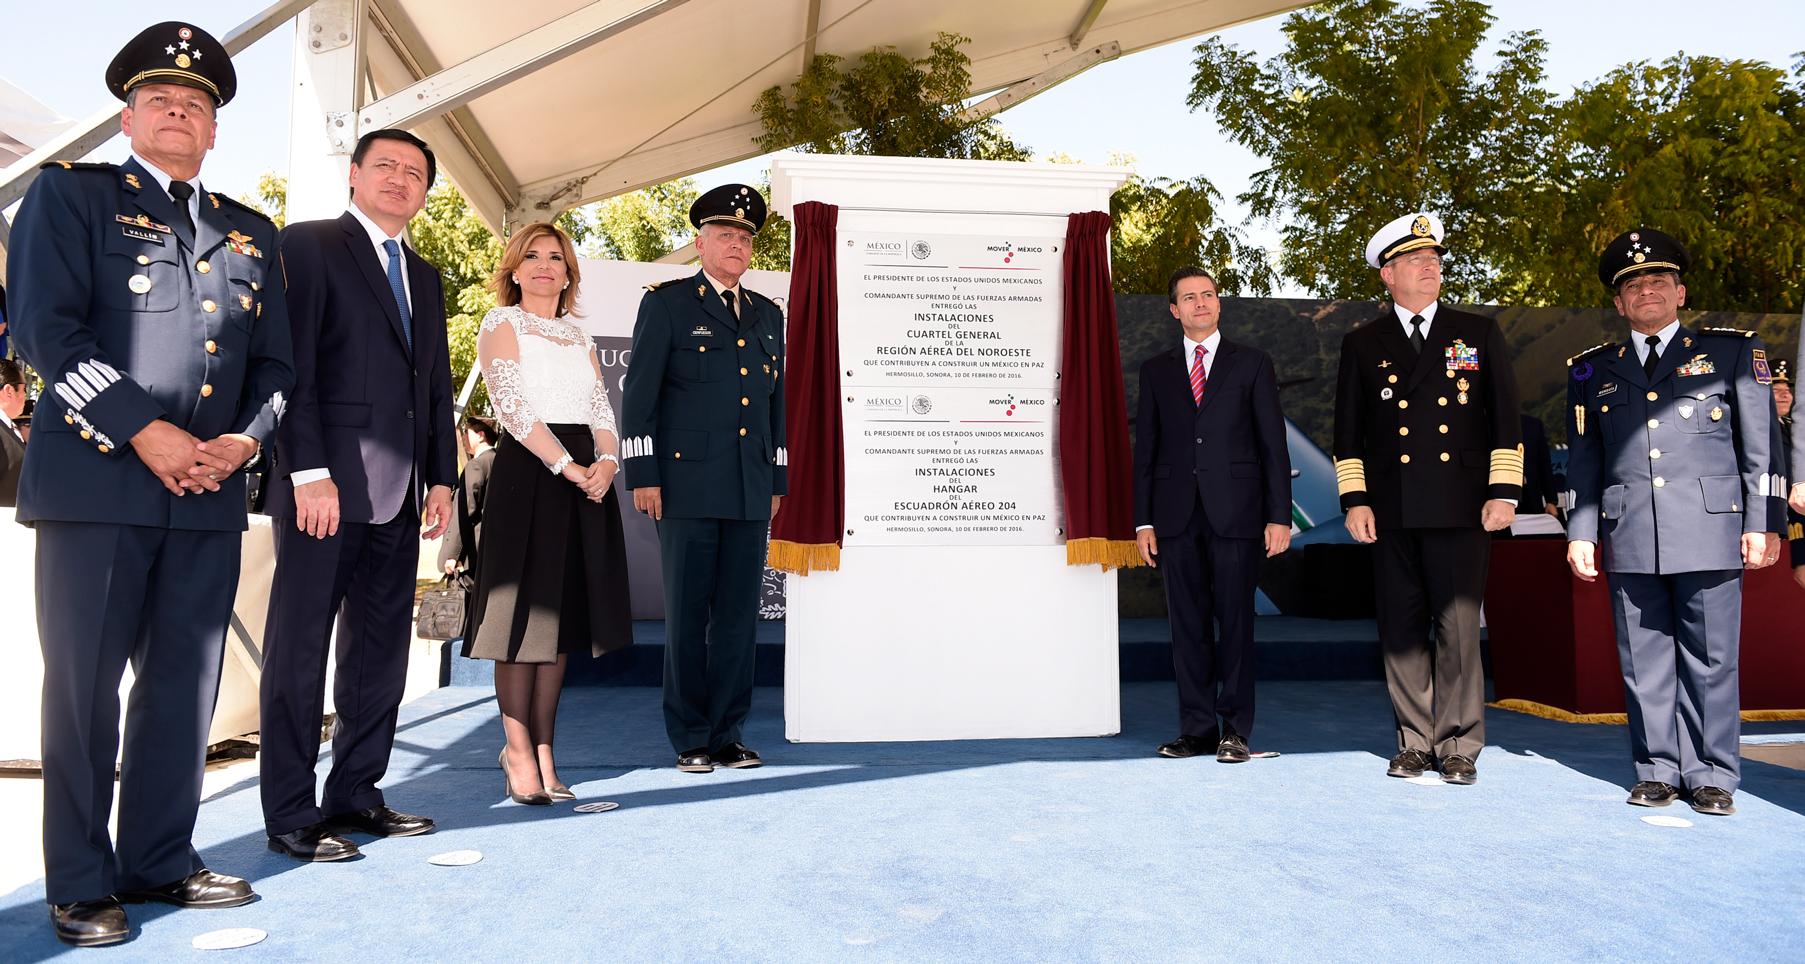 Los sonorenses nos sentimos comprometidos con nuestro presente, pero, sin duda alguna, estamos sumamente orgullosos de nuestro pasado, de nuestra historia, destacó la Gobernadora de Sonora.